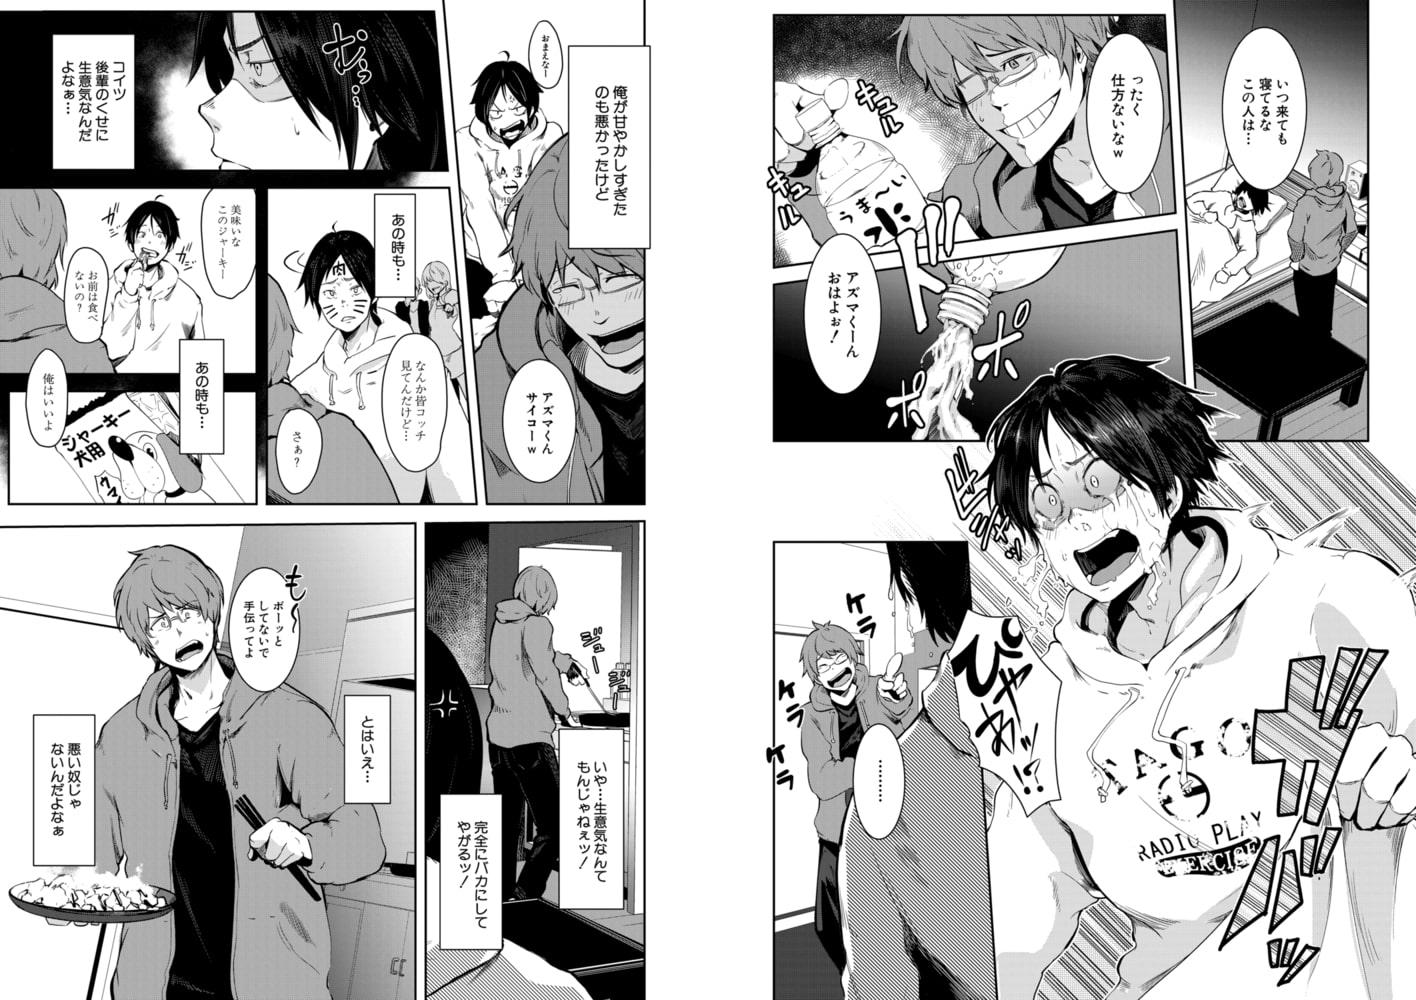 【受女受難 〜TS薬で女体化▼〜】サンプル画像1